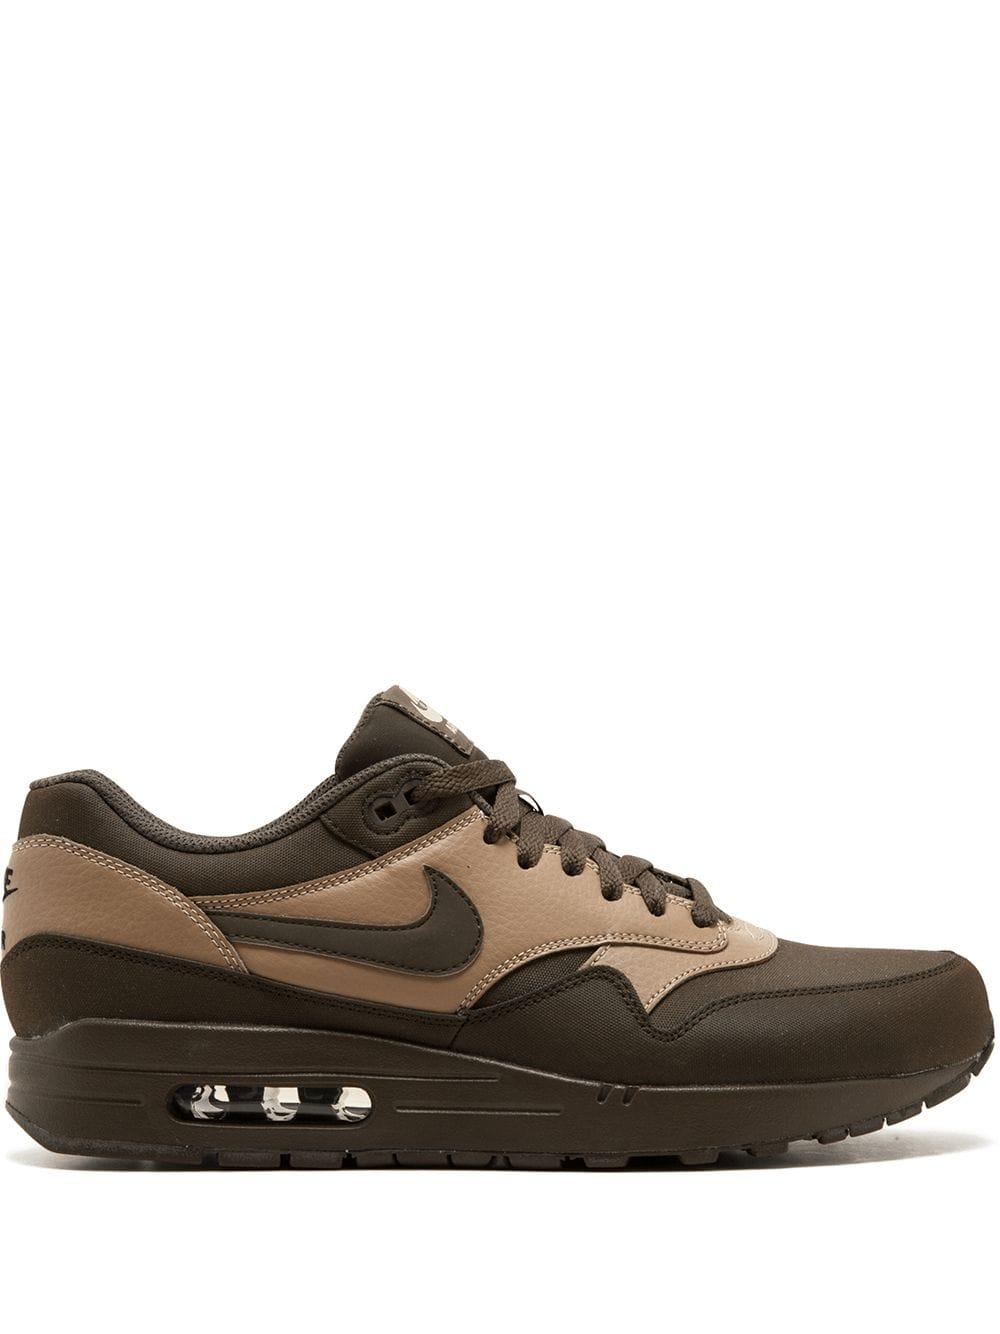 Nike Air Max 1 LTR Premium Sneakers | Nike air max, Brown